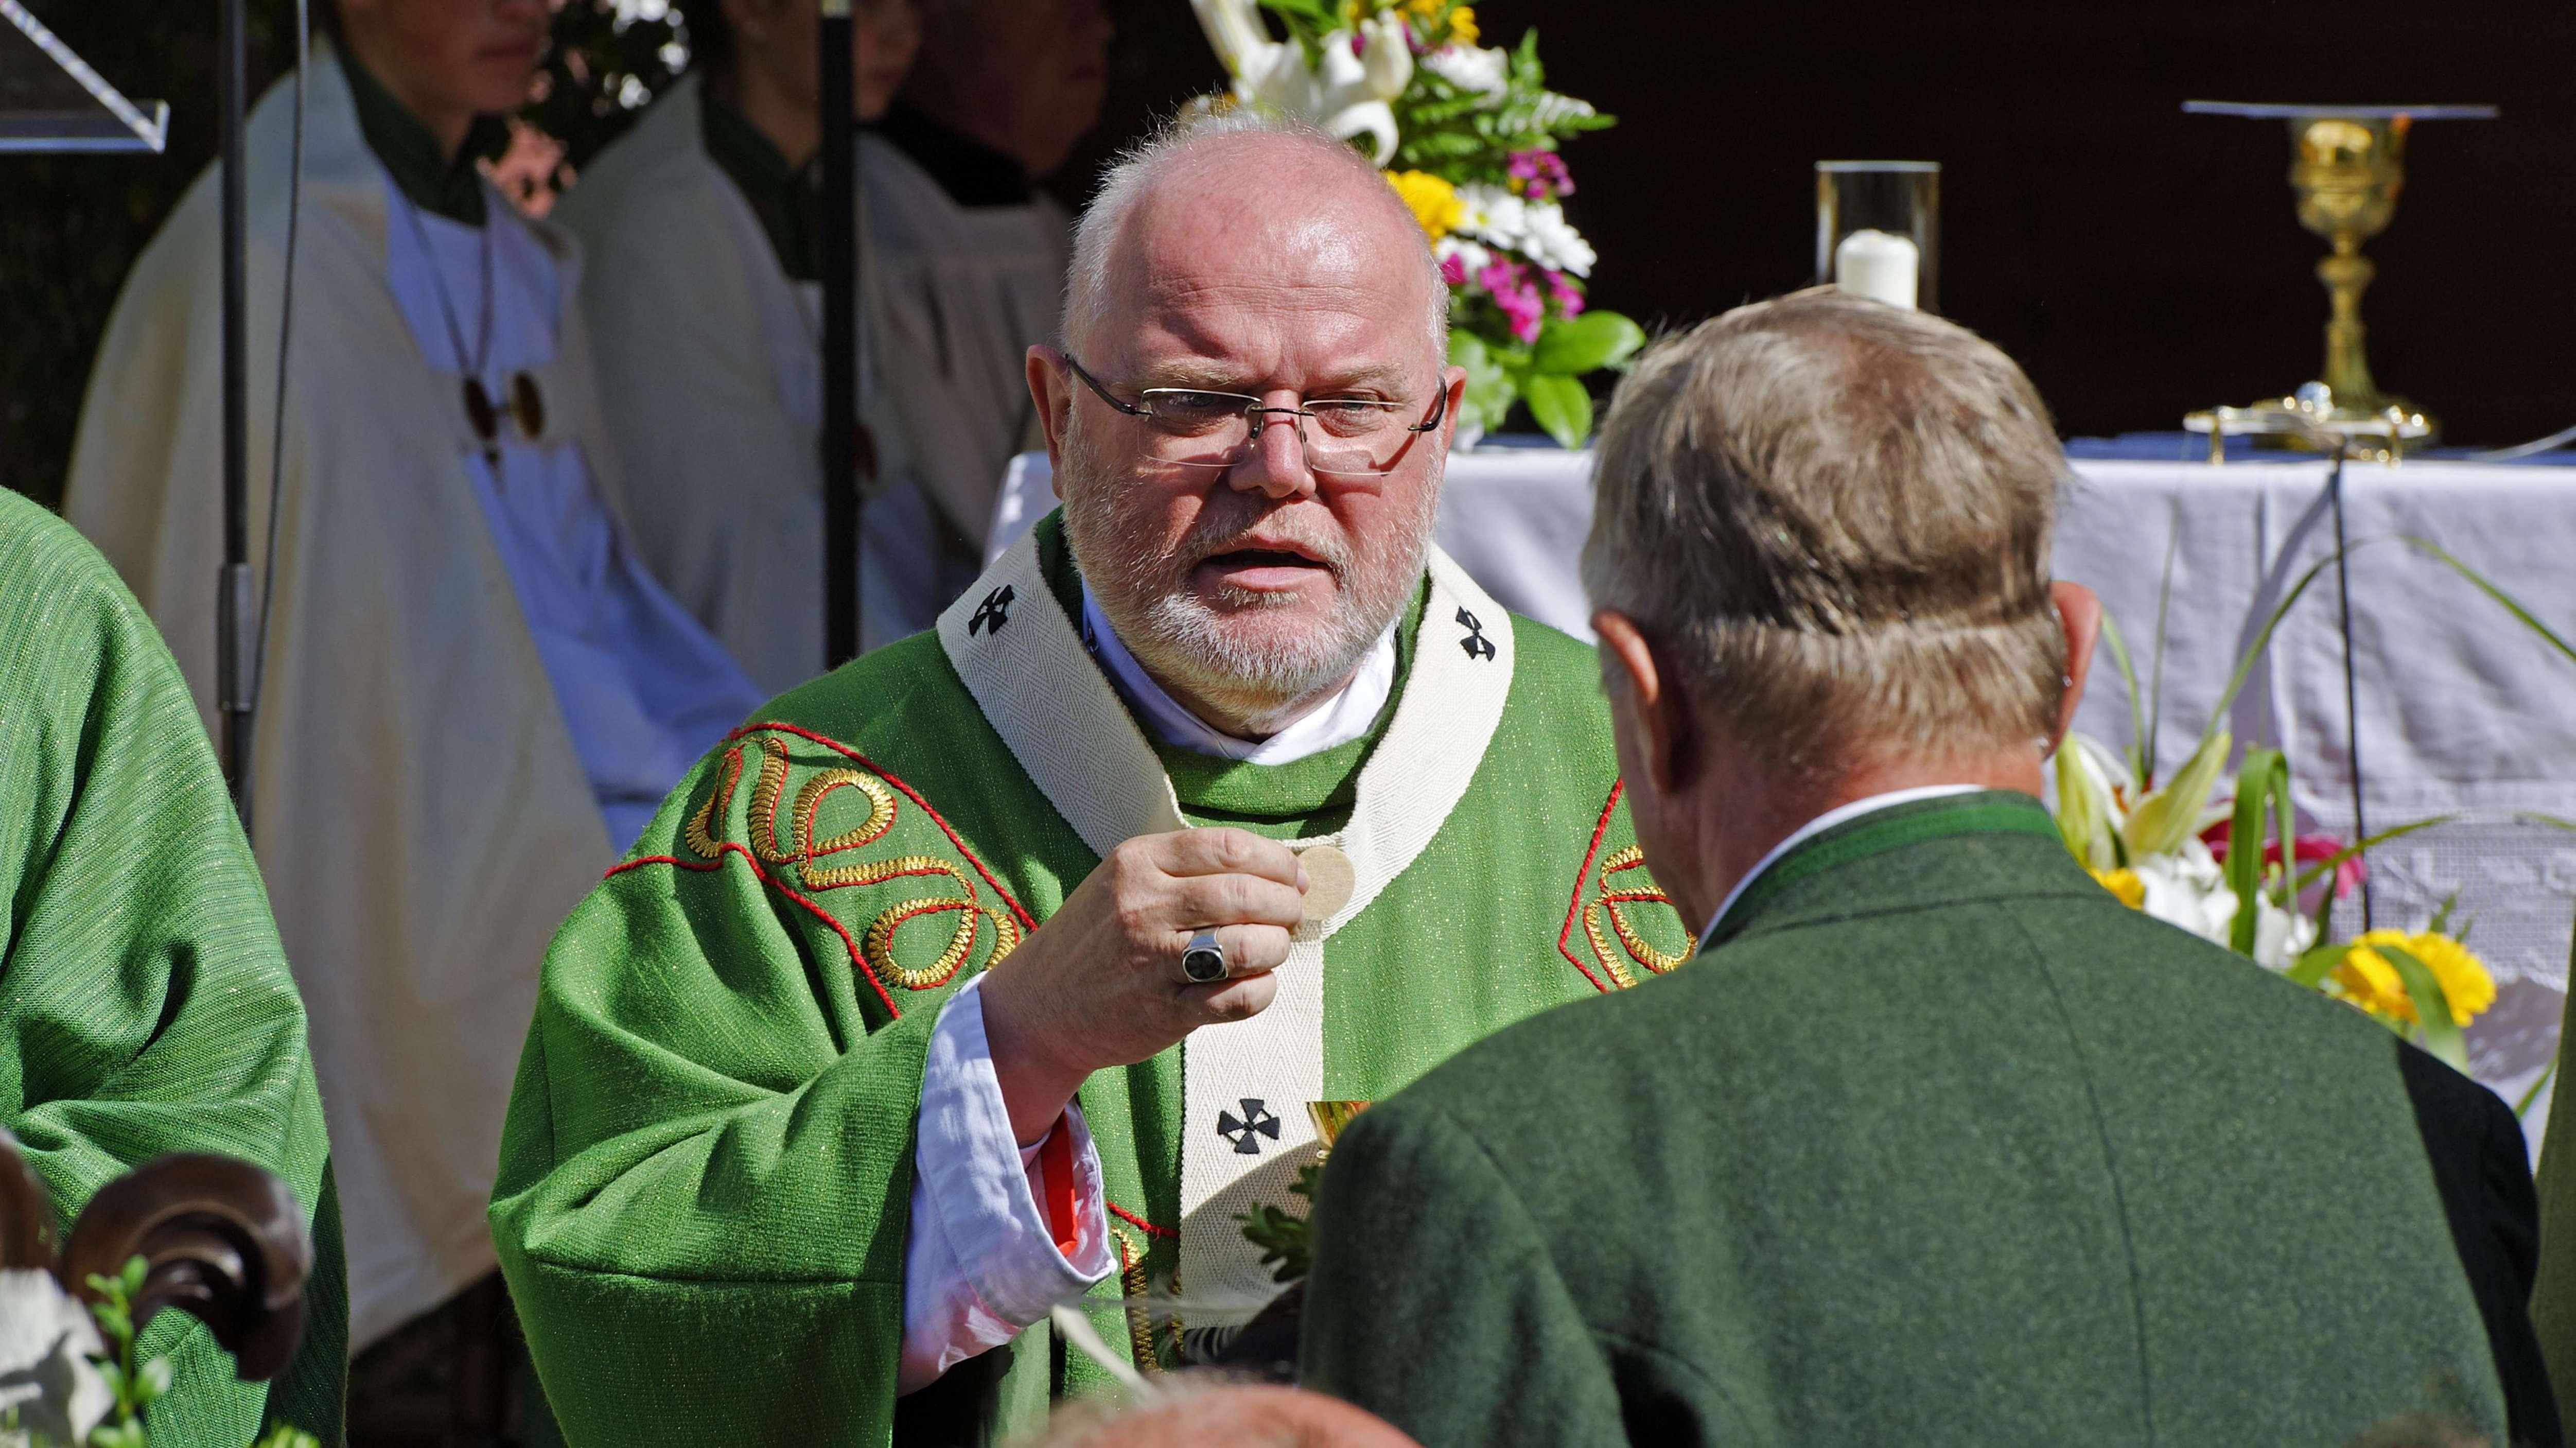 Reinhard Kardinal Marx, Erzbischof von München-Freising, teilt die Kommunion aus.